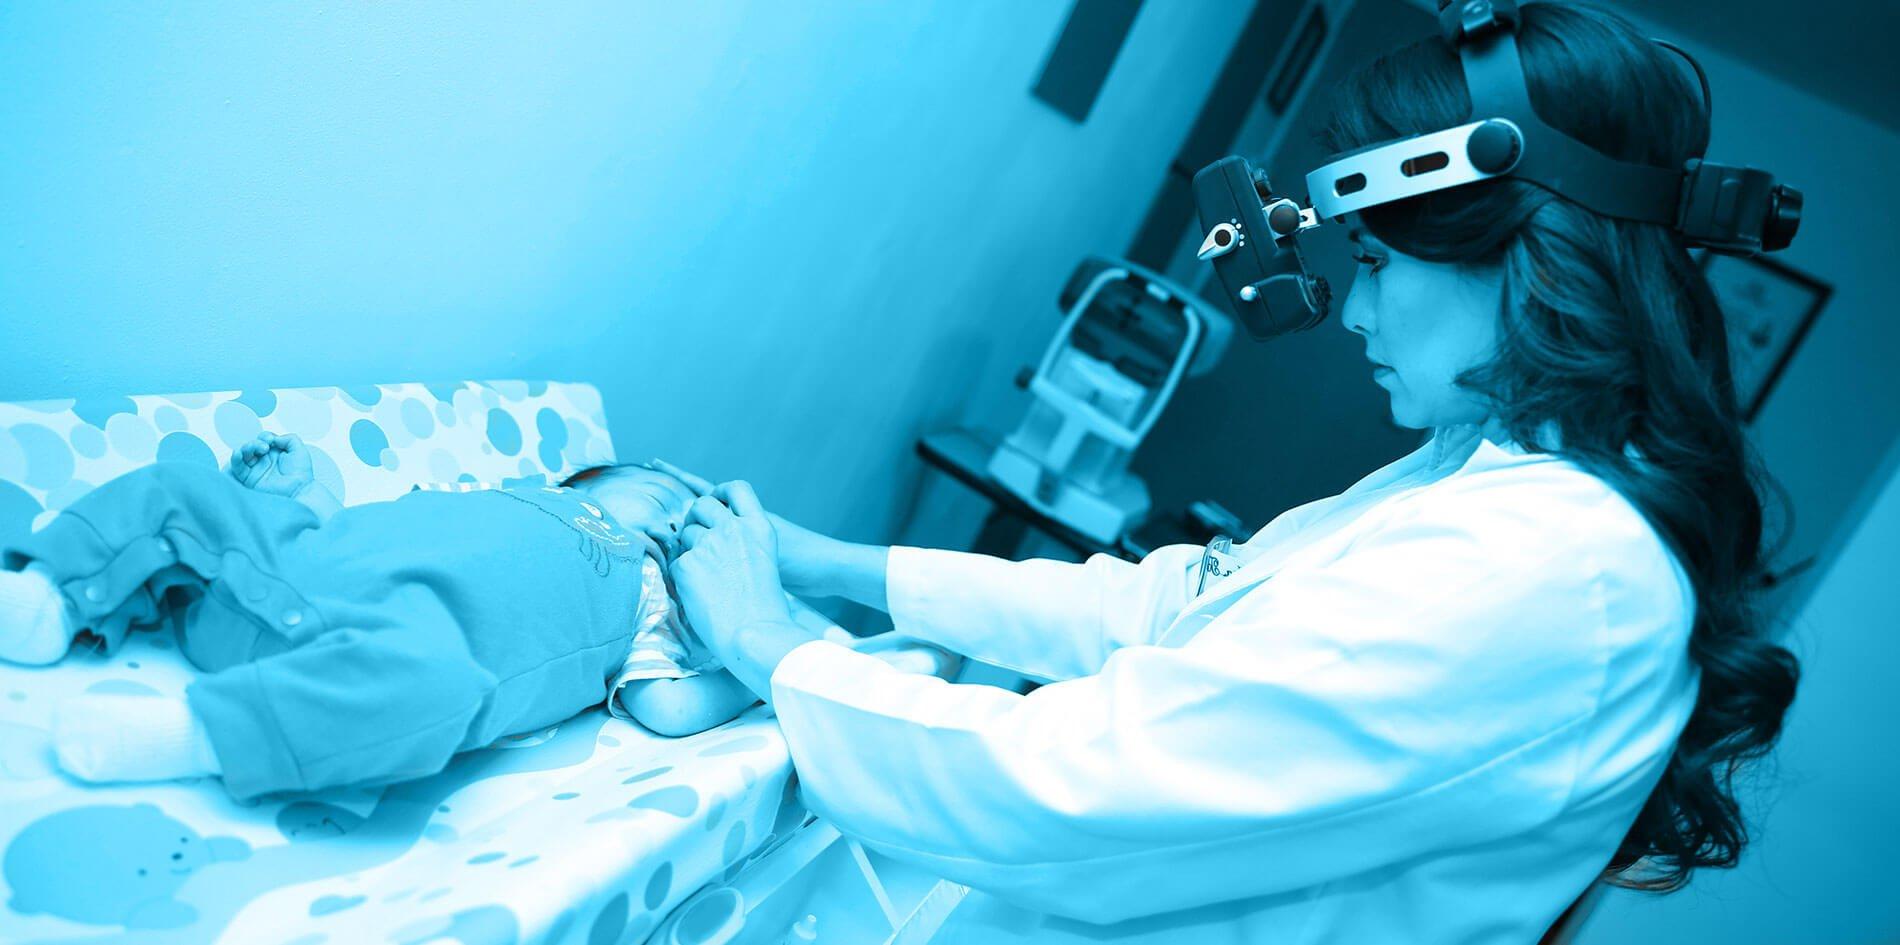 Oftalmologo Pediatra en Aguascalientes revisando un bebé